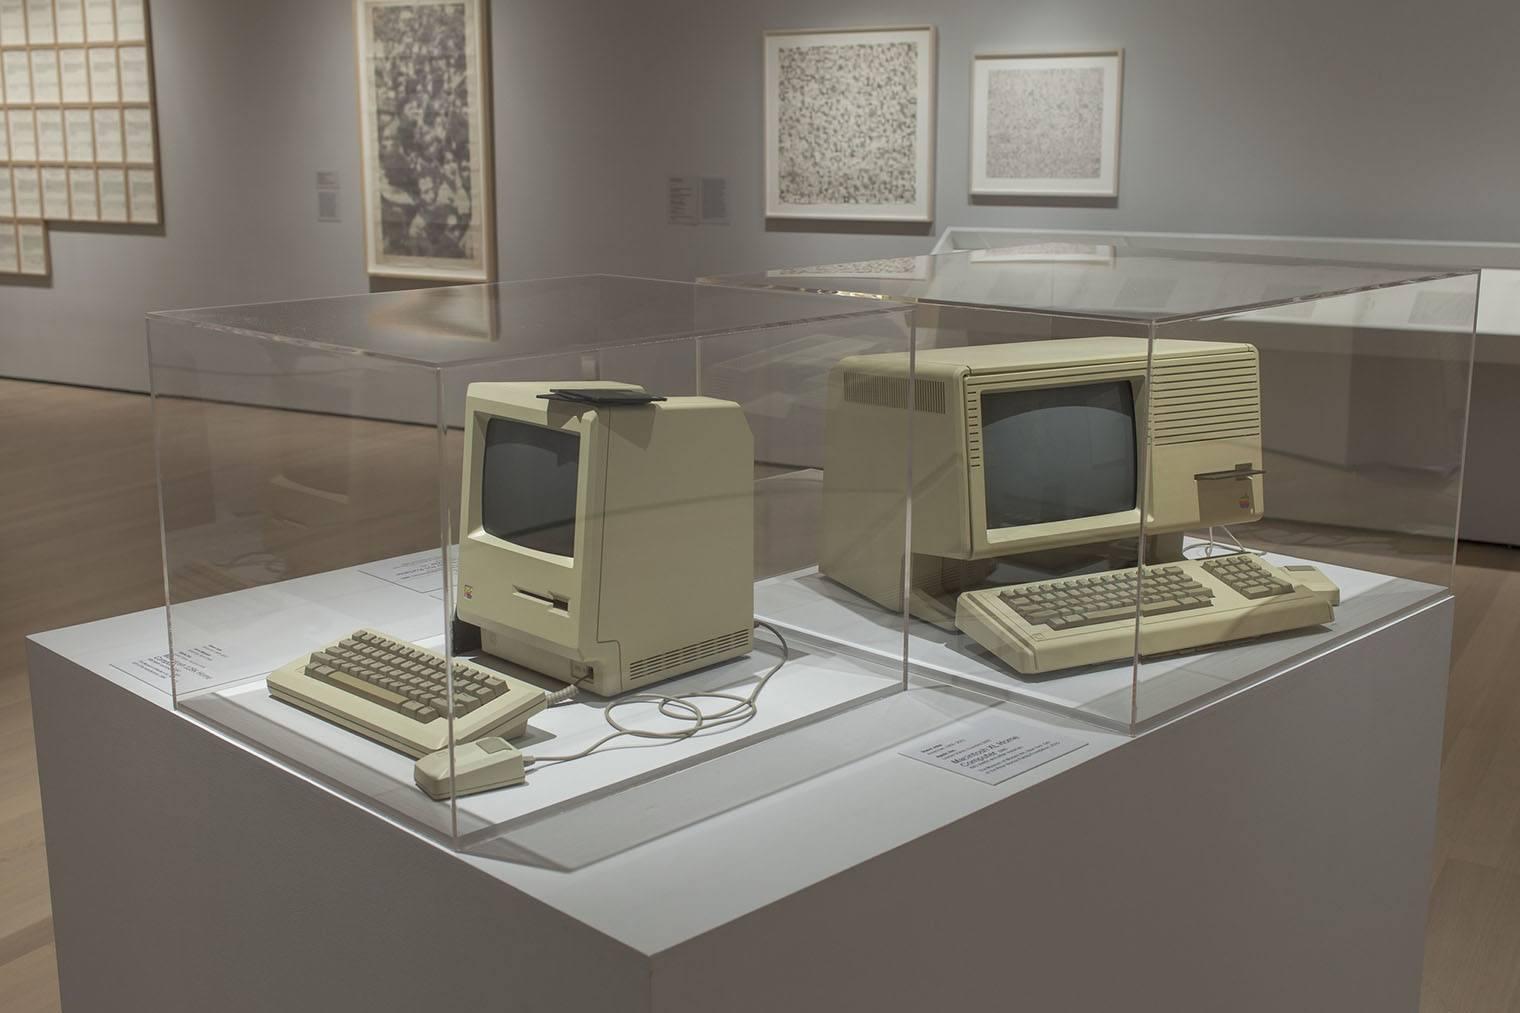 Generazioni di computer e ciascuna delle sue caratteristiche 2